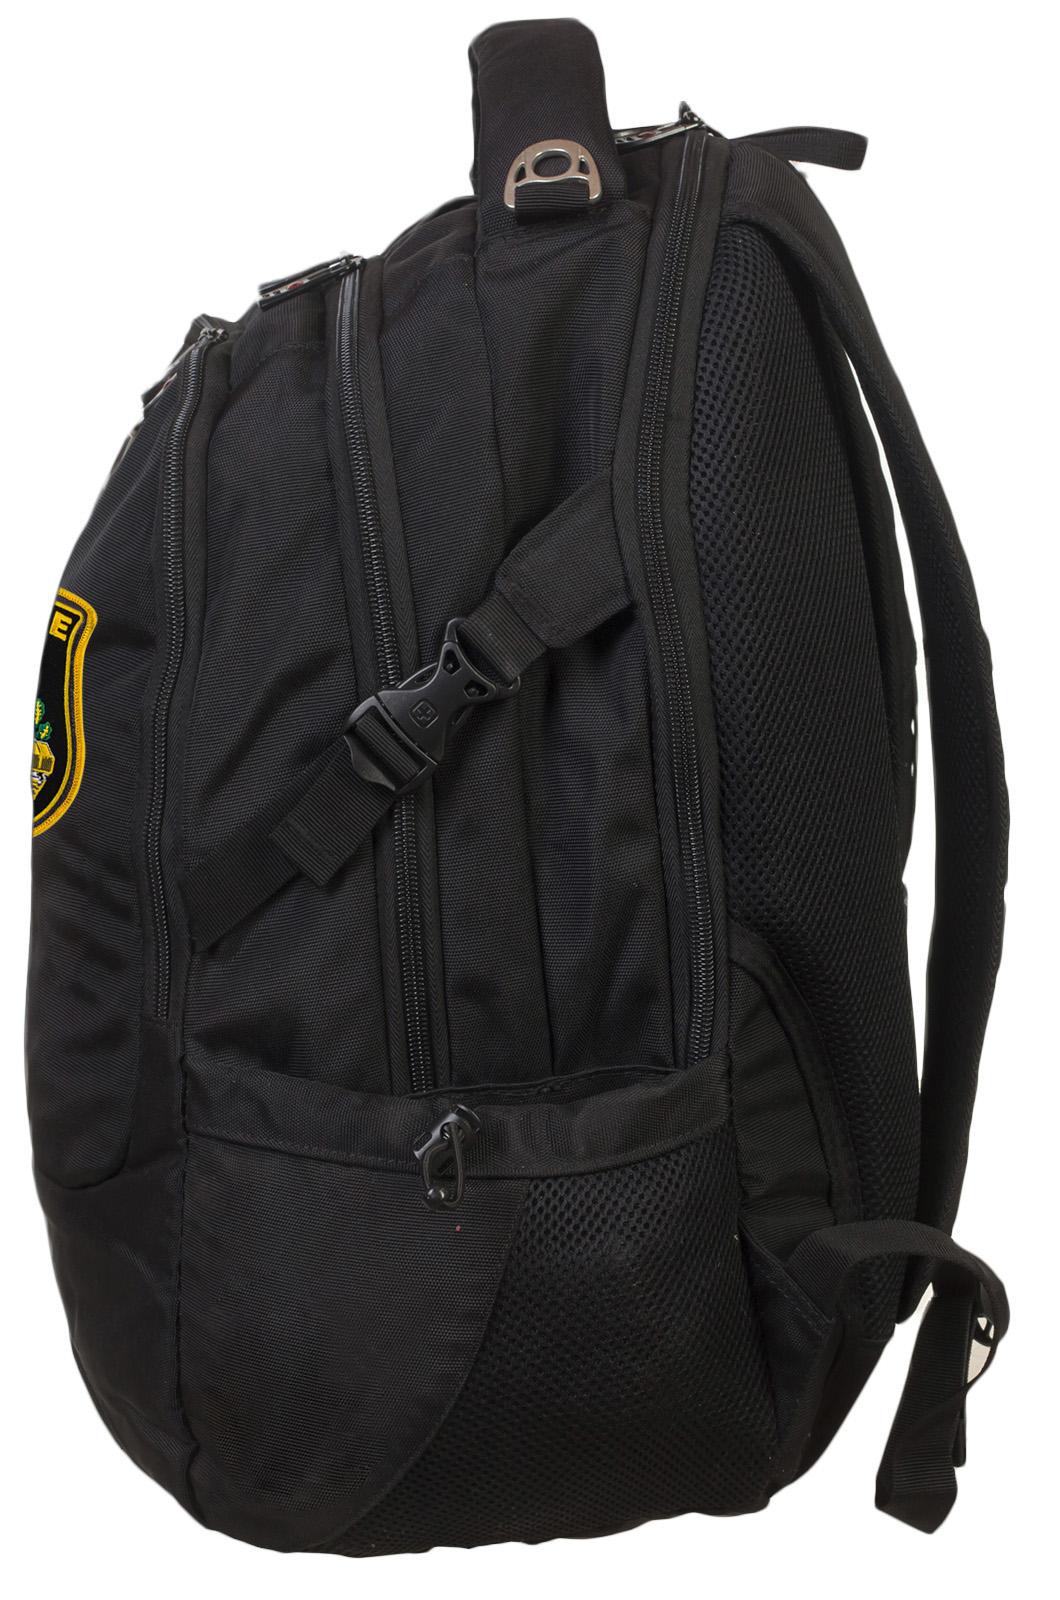 Крутой практичный рюкзак с нашивкой Танковые Войска - купить онлайн